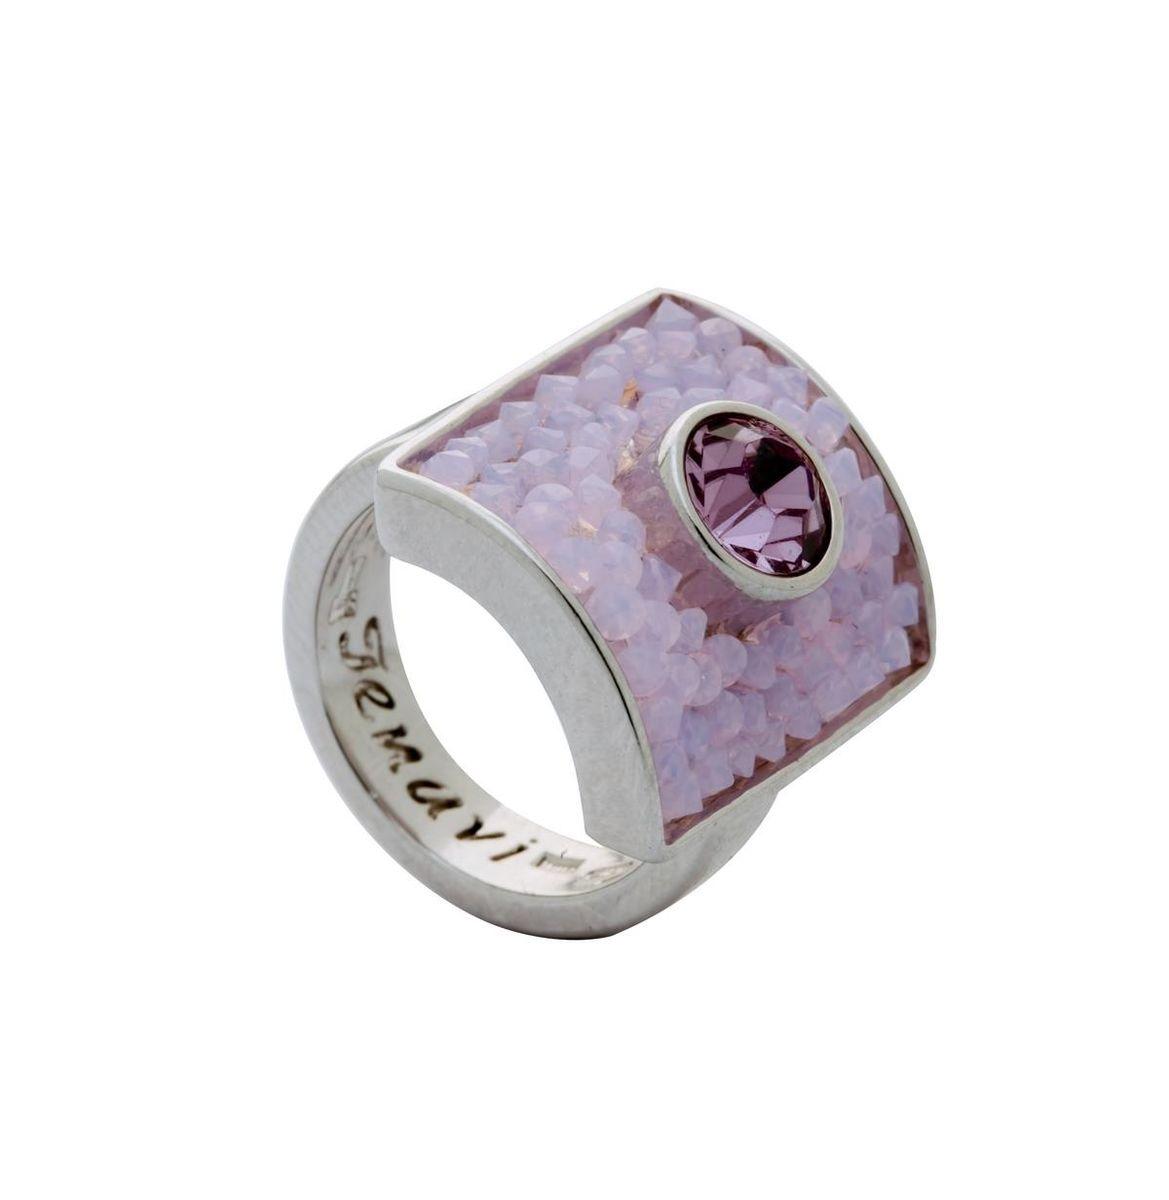 Кольцо Jenavi Майлон, цвет: серебряный, розовый. j938f010. Размер 17j938f010Элегантное кольцо Jenavi Майлон выполнено из гипоаллергенного ювелирного сплава и оформлено кристаллами Swarovski. Стильное кольцо придаст вашему образу изюминку, подчеркнет индивидуальность.